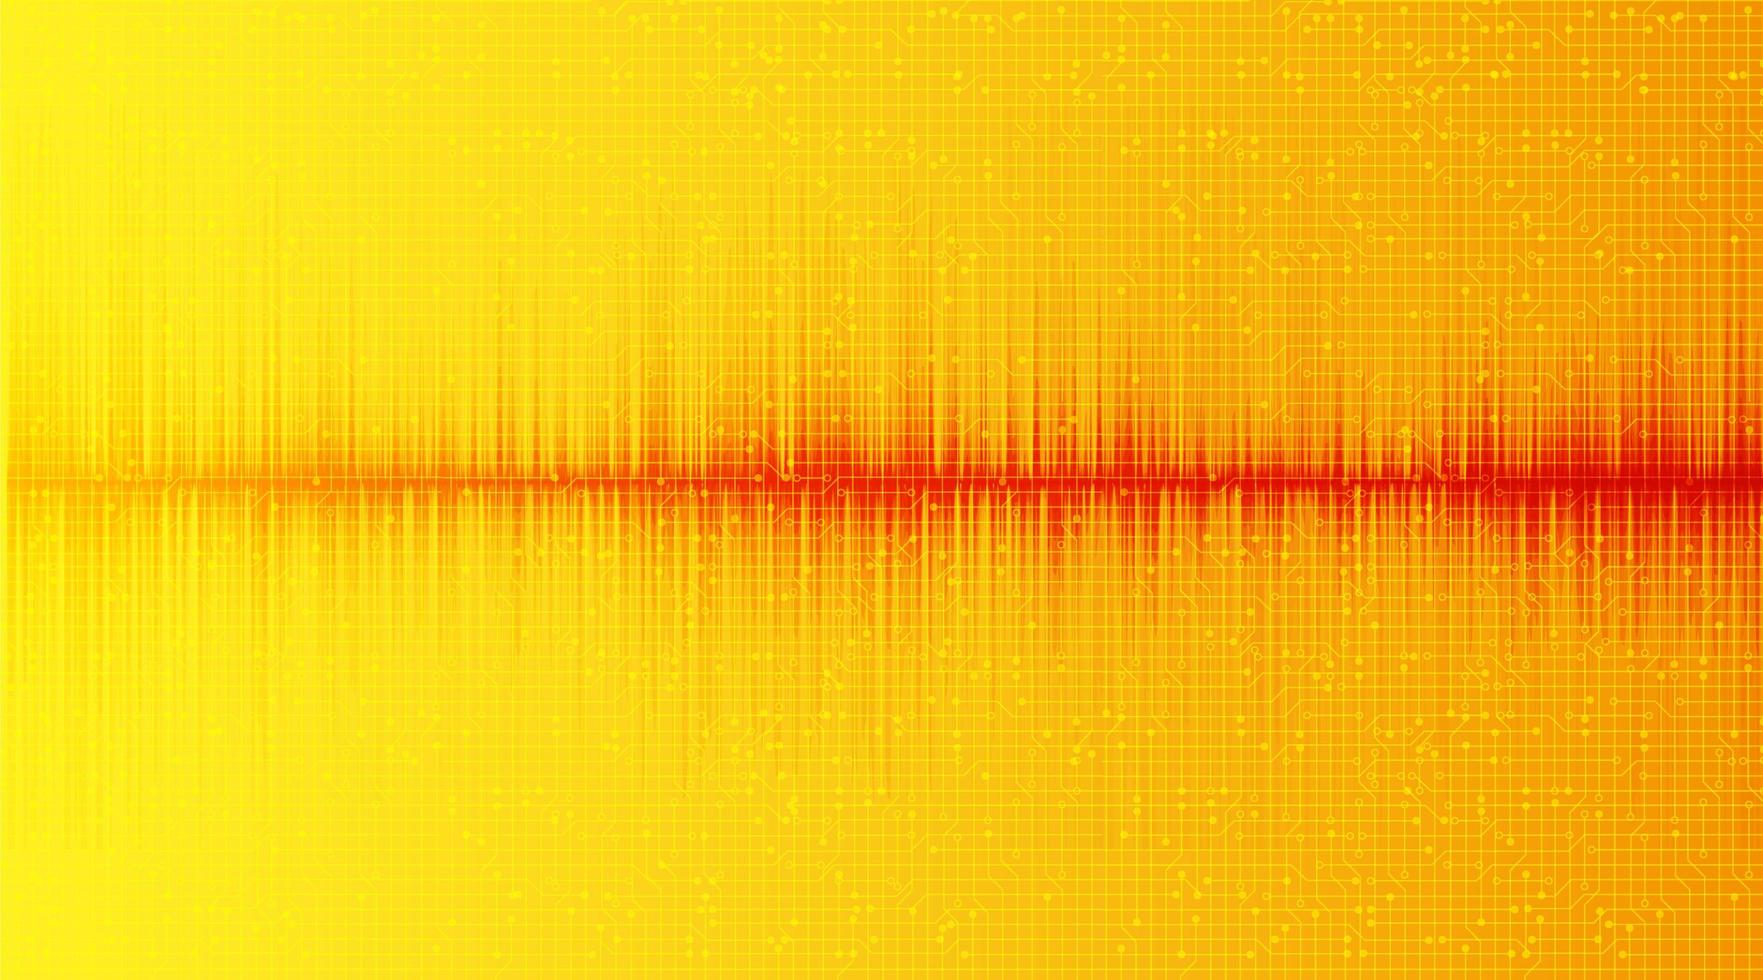 minimale geluidsgolf l vector